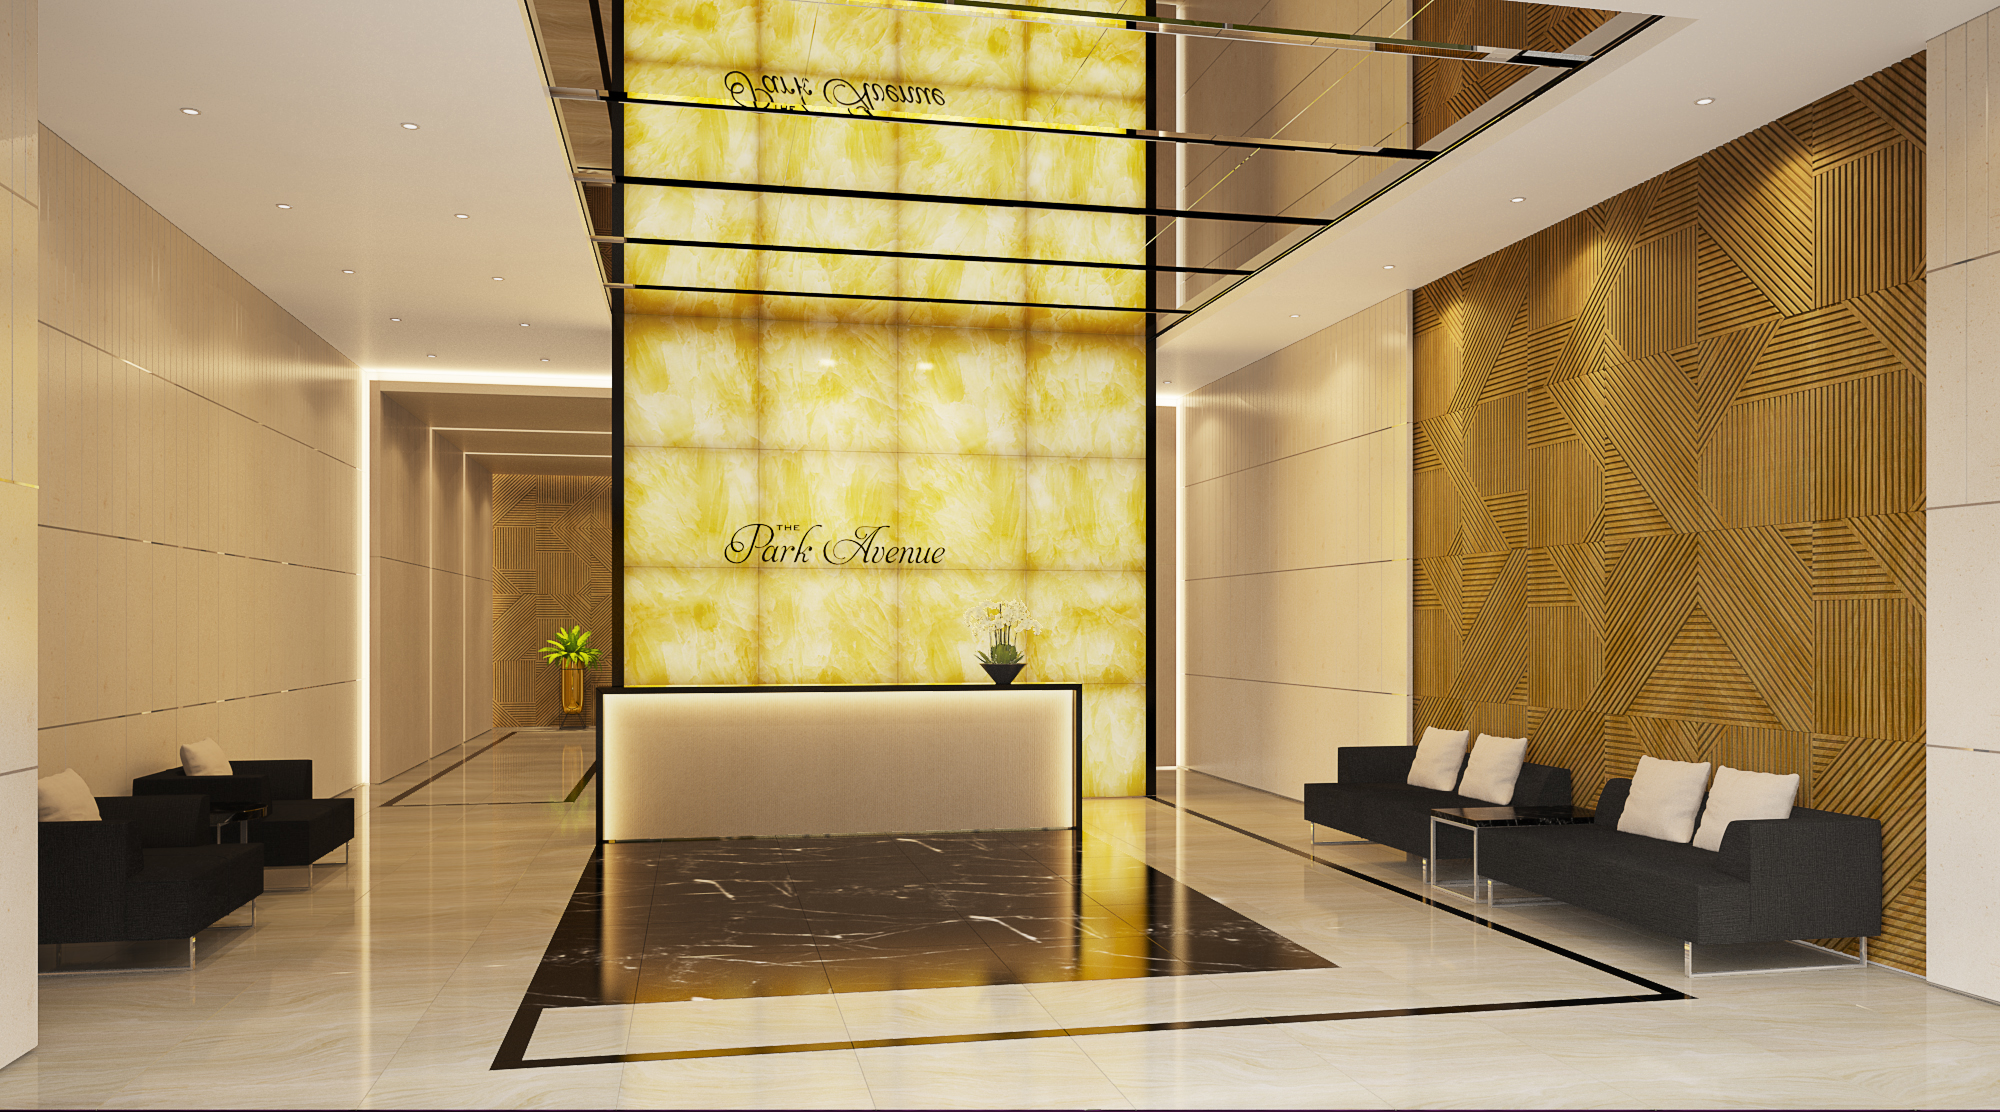 Nhà mẫu dự án căn hộ chung cư The Park Avenue Quận 11 Đường Lê Đại Hành chủ đầu tư Novaland